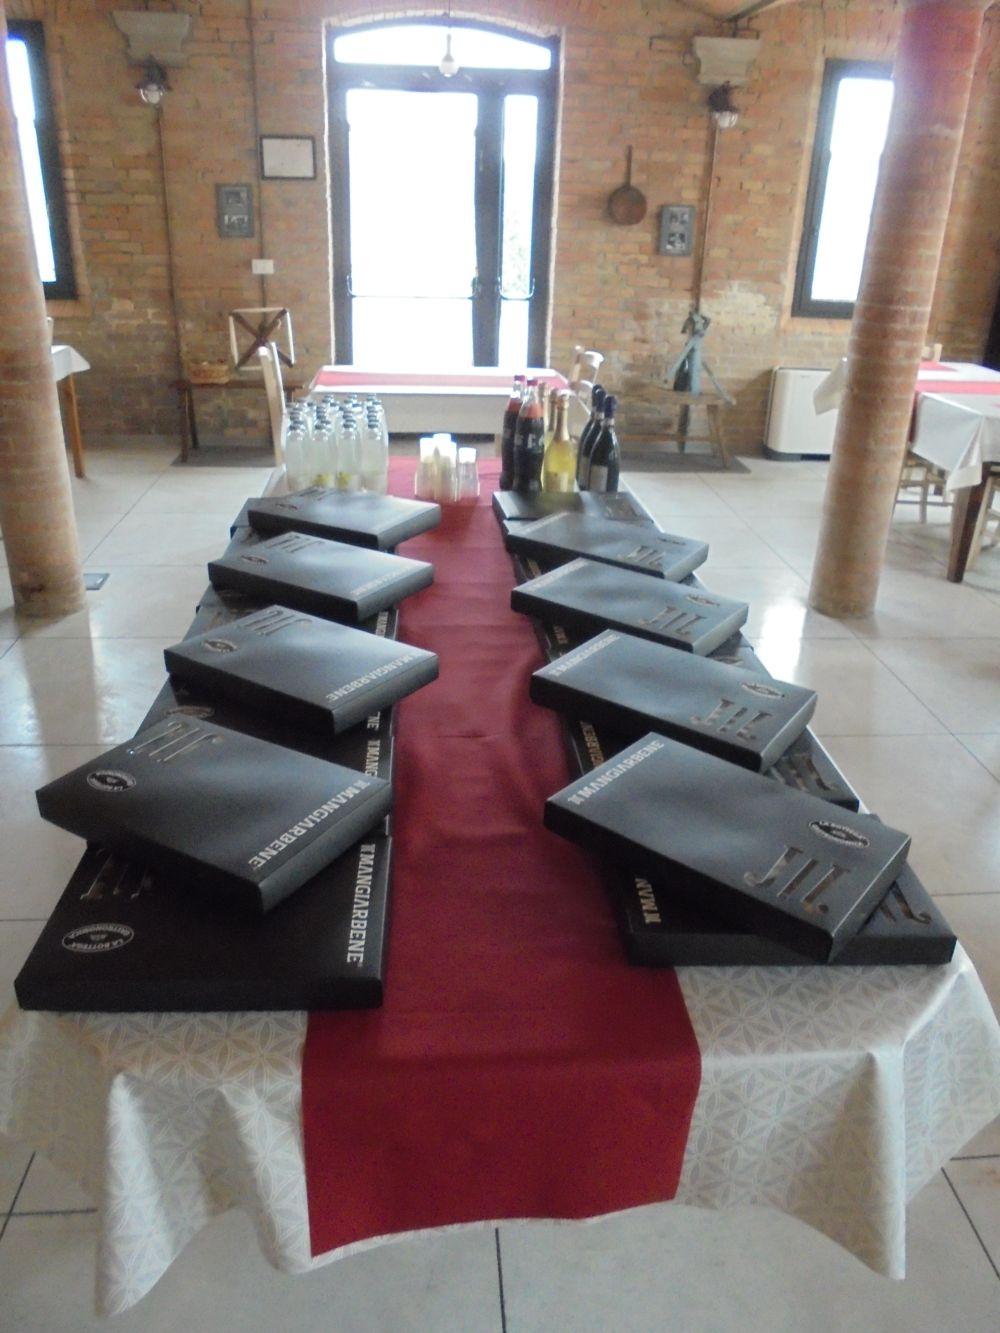 Gruppo di lavor di 20 persone con pausa pranzo servita  con consegna di monoporzioni da Catering nella vecchi stalla. E' garantito l'appoggio al tavolo con regolare distanziamento.